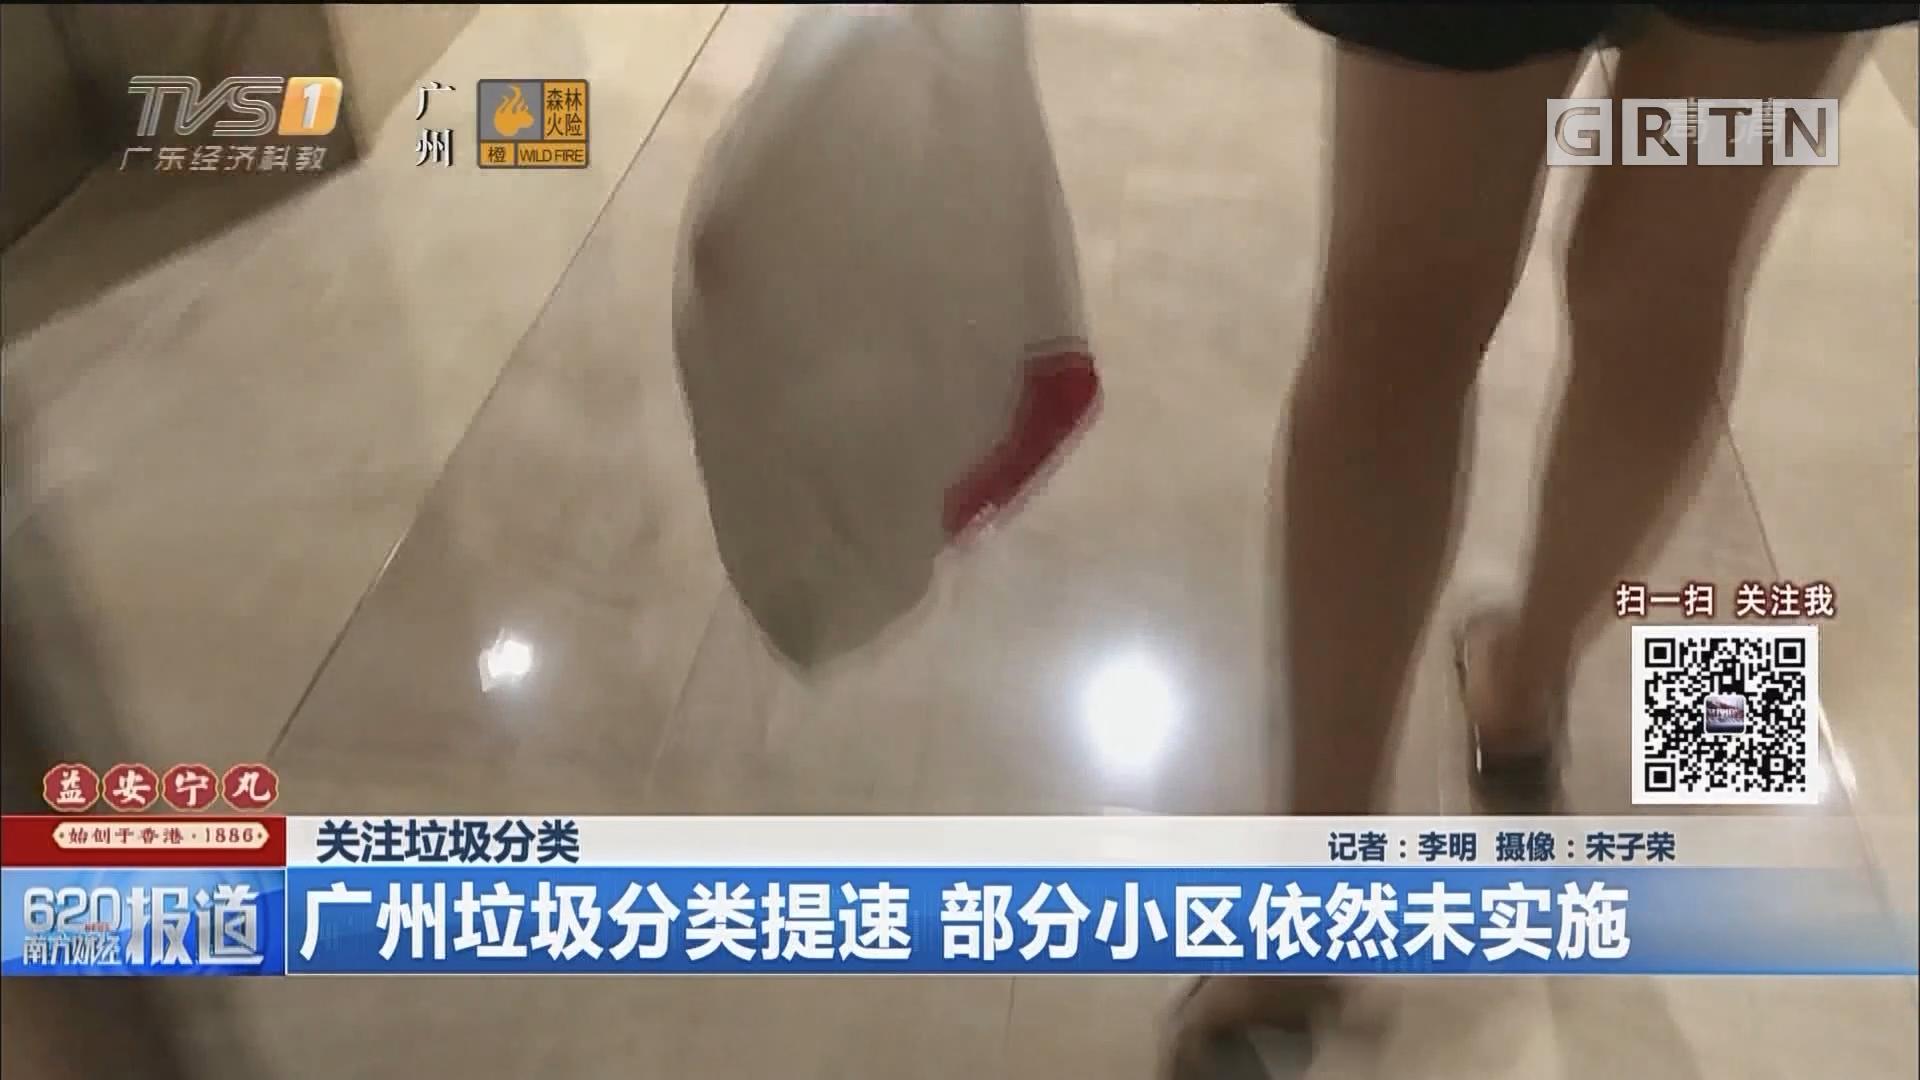 关注垃圾分类:广州垃圾分类提速 部分小区依然未实施